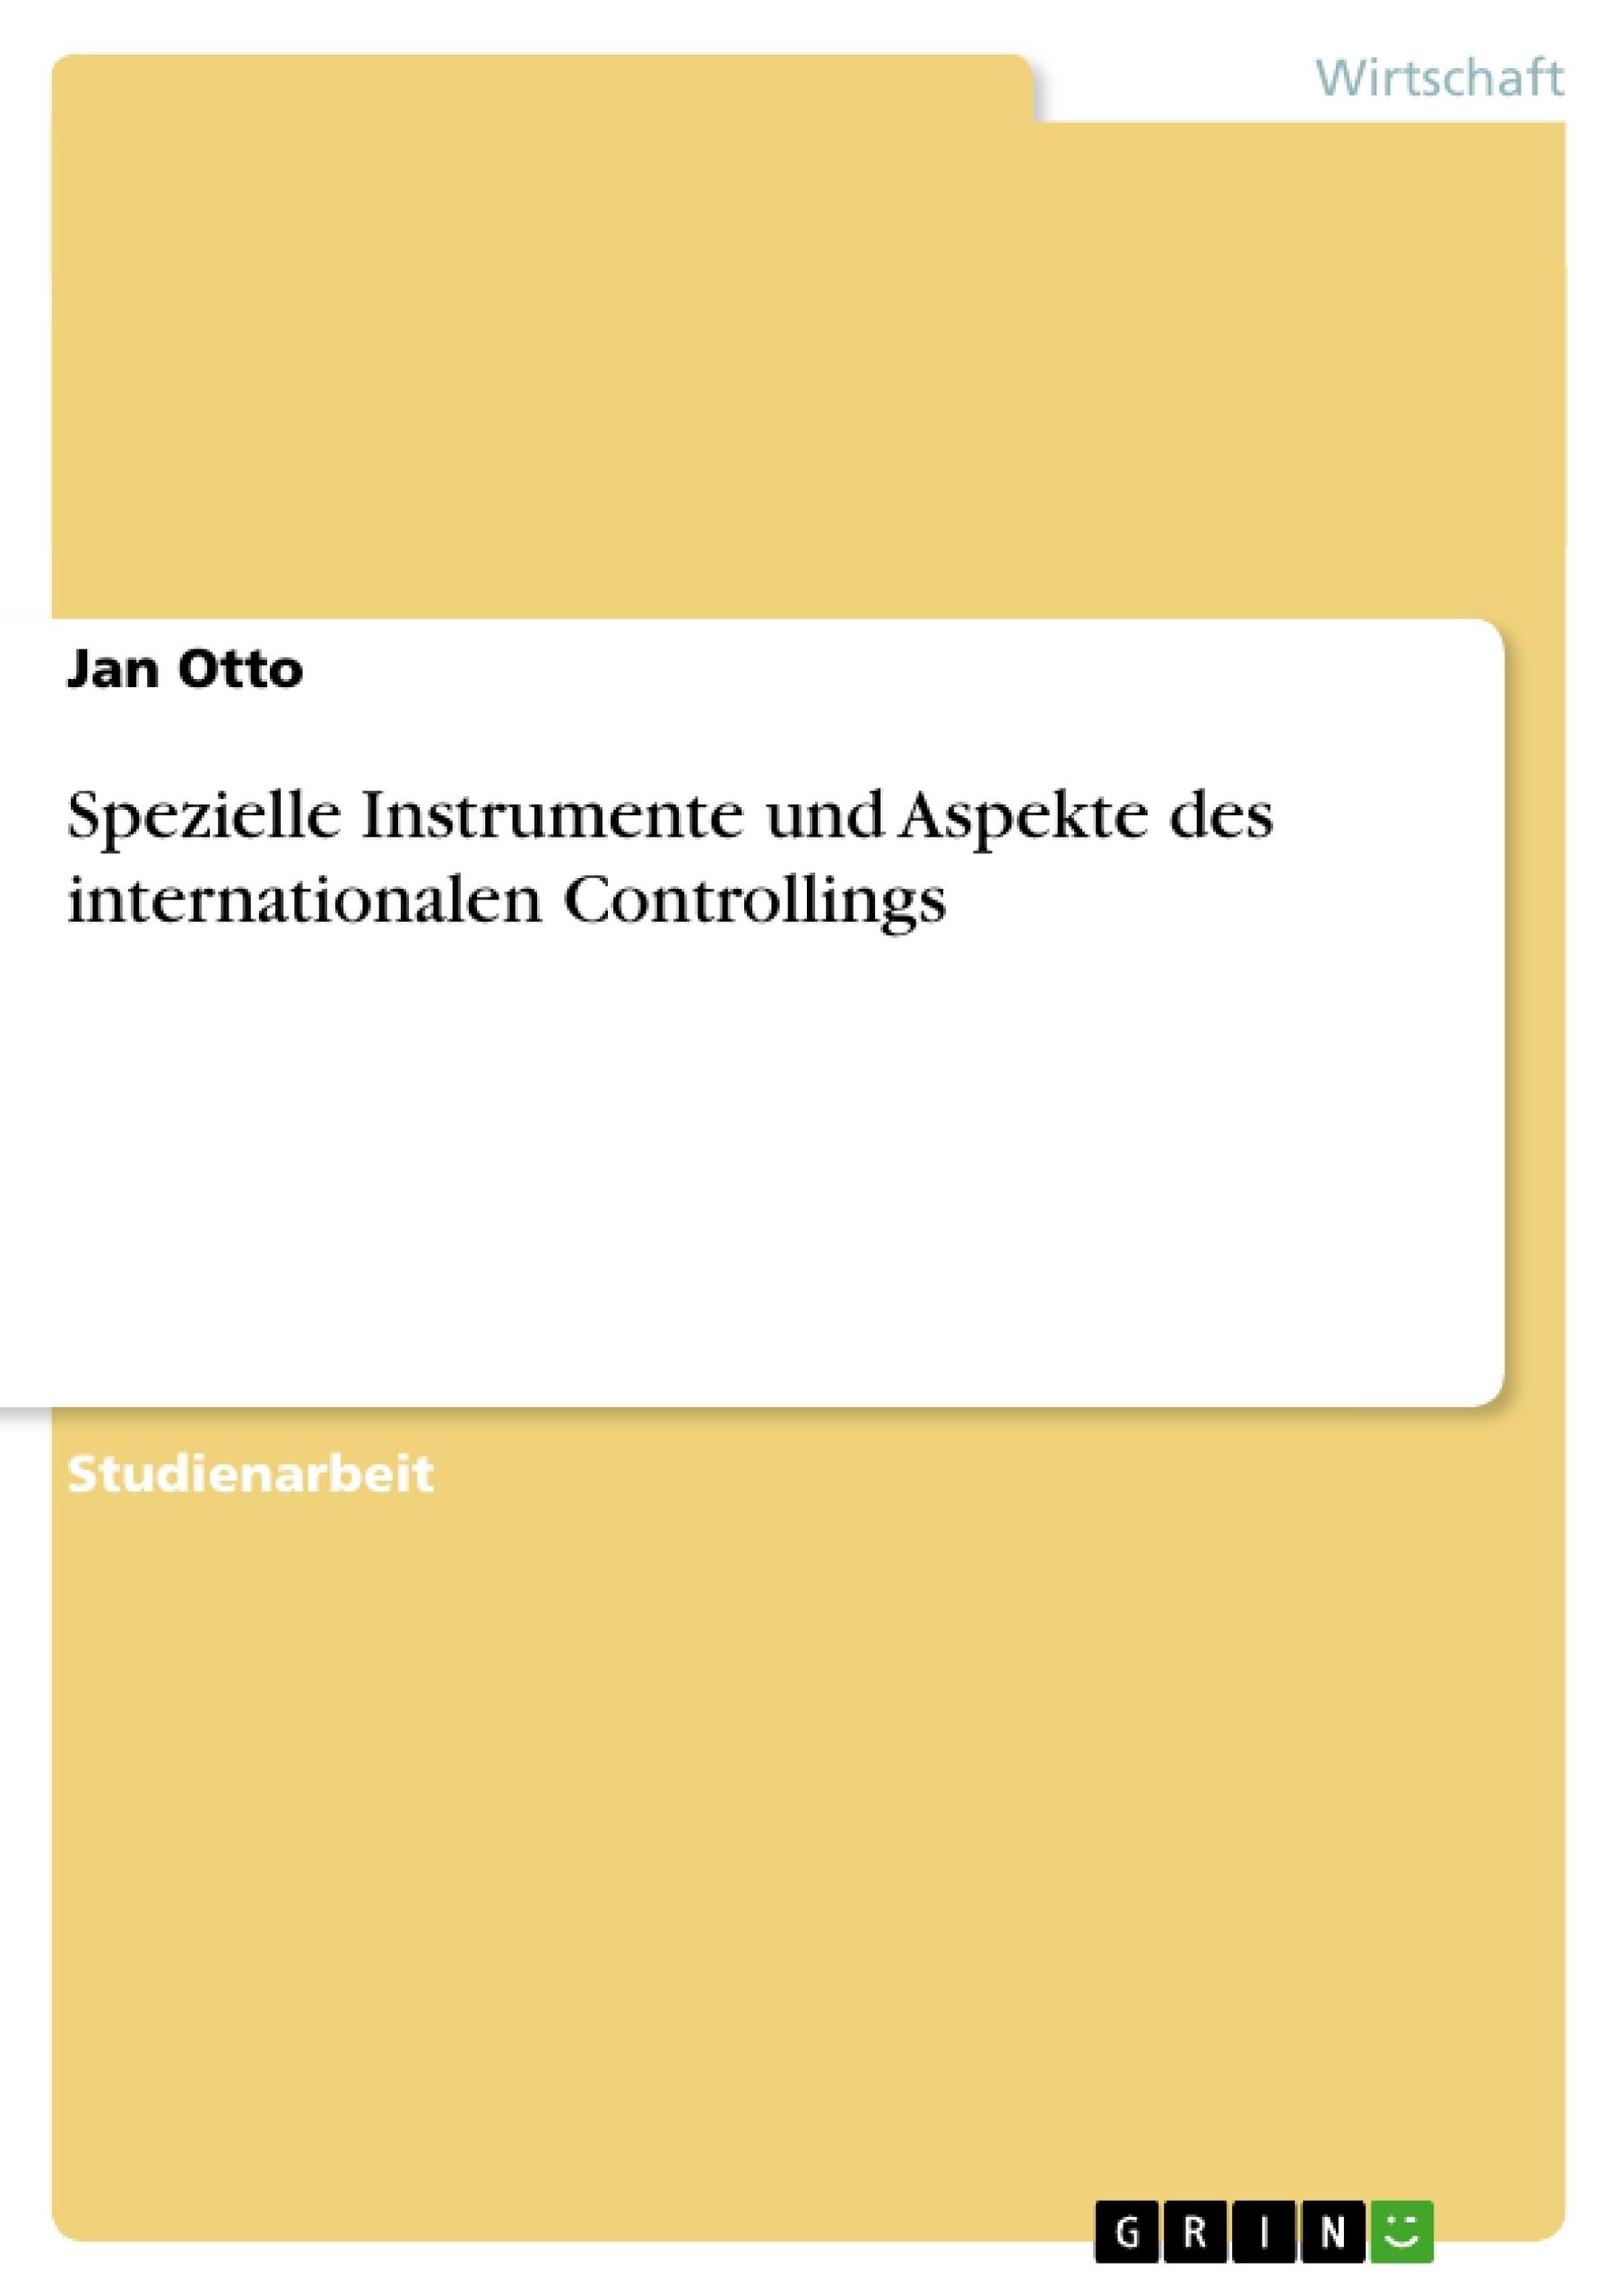 Titel: Spezielle Instrumente und Aspekte des internationalen Controllings